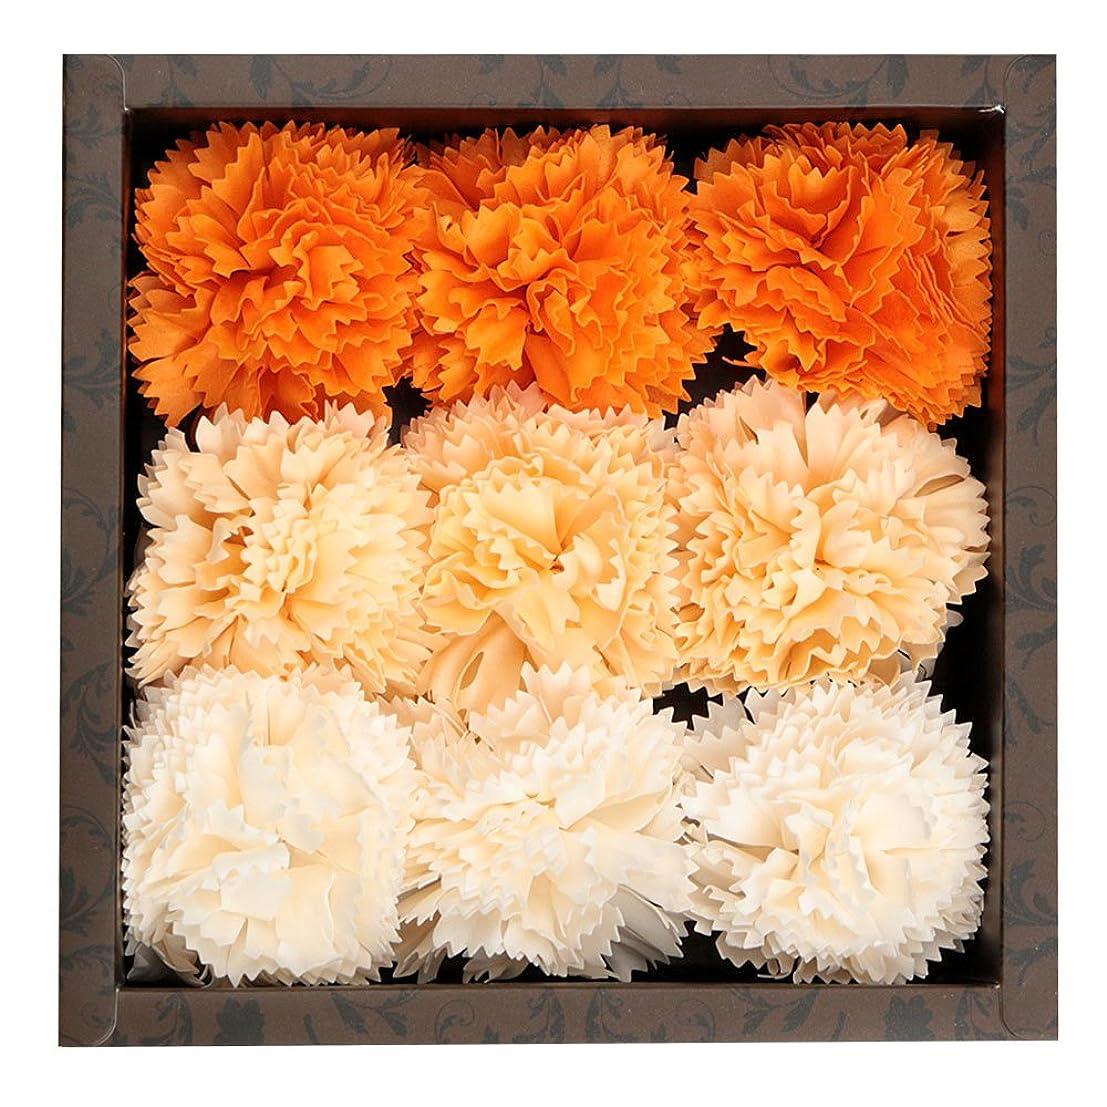 へこみ溢れんばかりの荒野(キステ)Kisste 入浴剤 フラワーフレグランス*Carnation*~石鹸の香り~ 5-3-01955